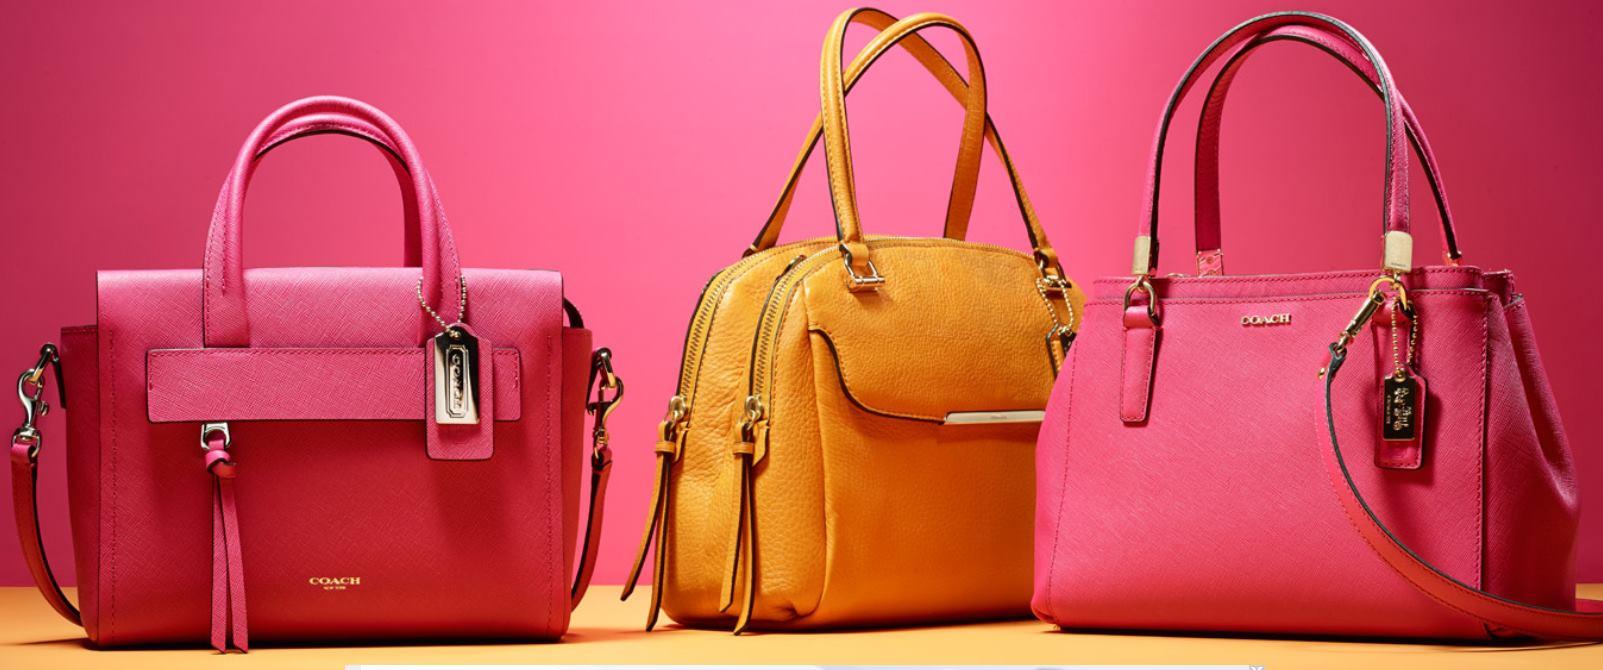 Chuyên lấy buôn hàng túi xách Quảng Châu nam nữ giá rẻ